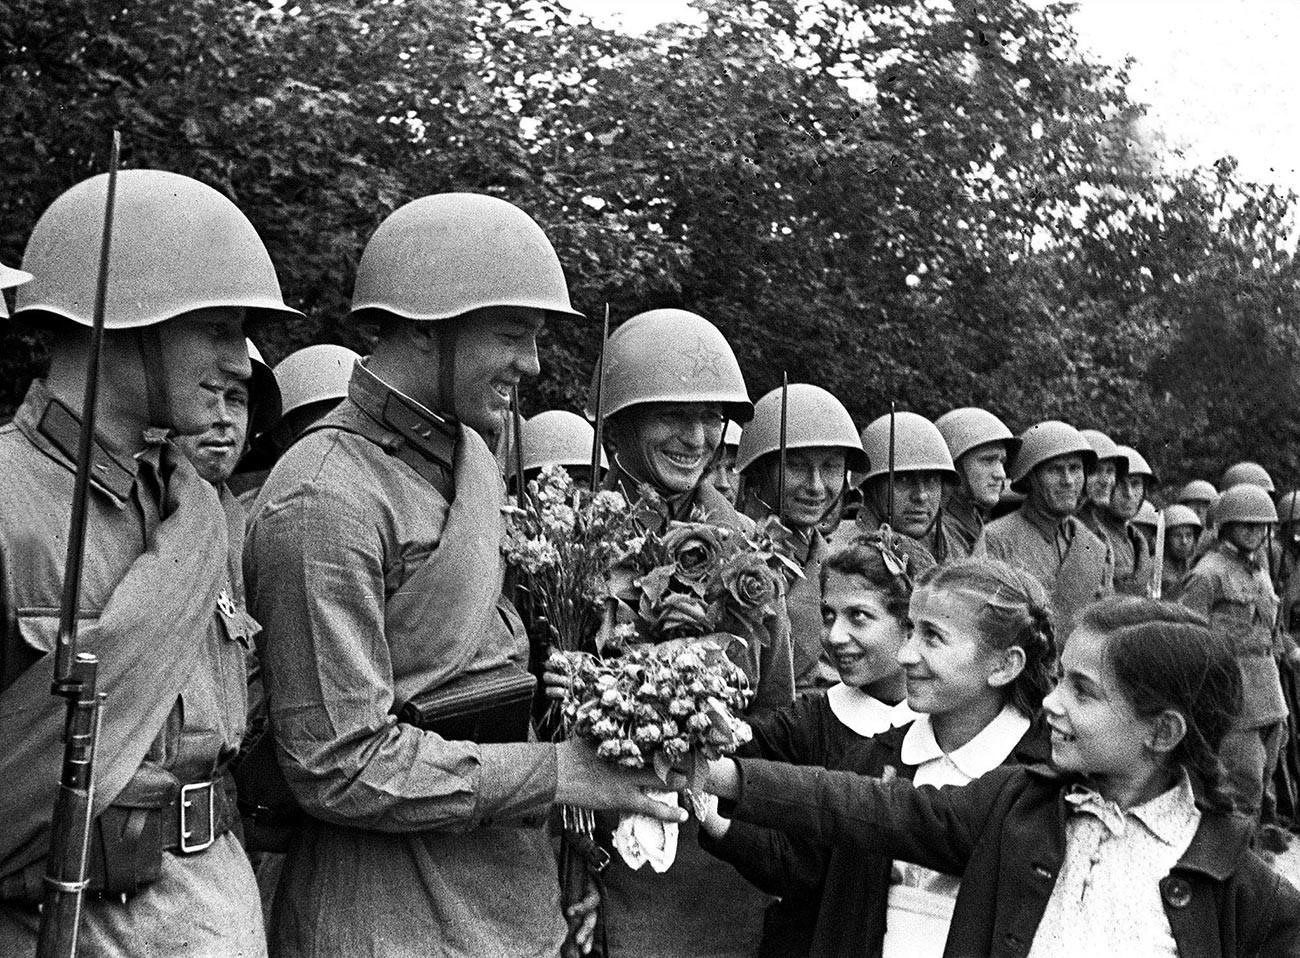 Soldats de l'Armée rouge et enfants lors du défilé militaire consacré à l'intégration de la Bessarabie et de la Bucovine du Nord à l'URSS, Chisinau, 4 juillet 1940